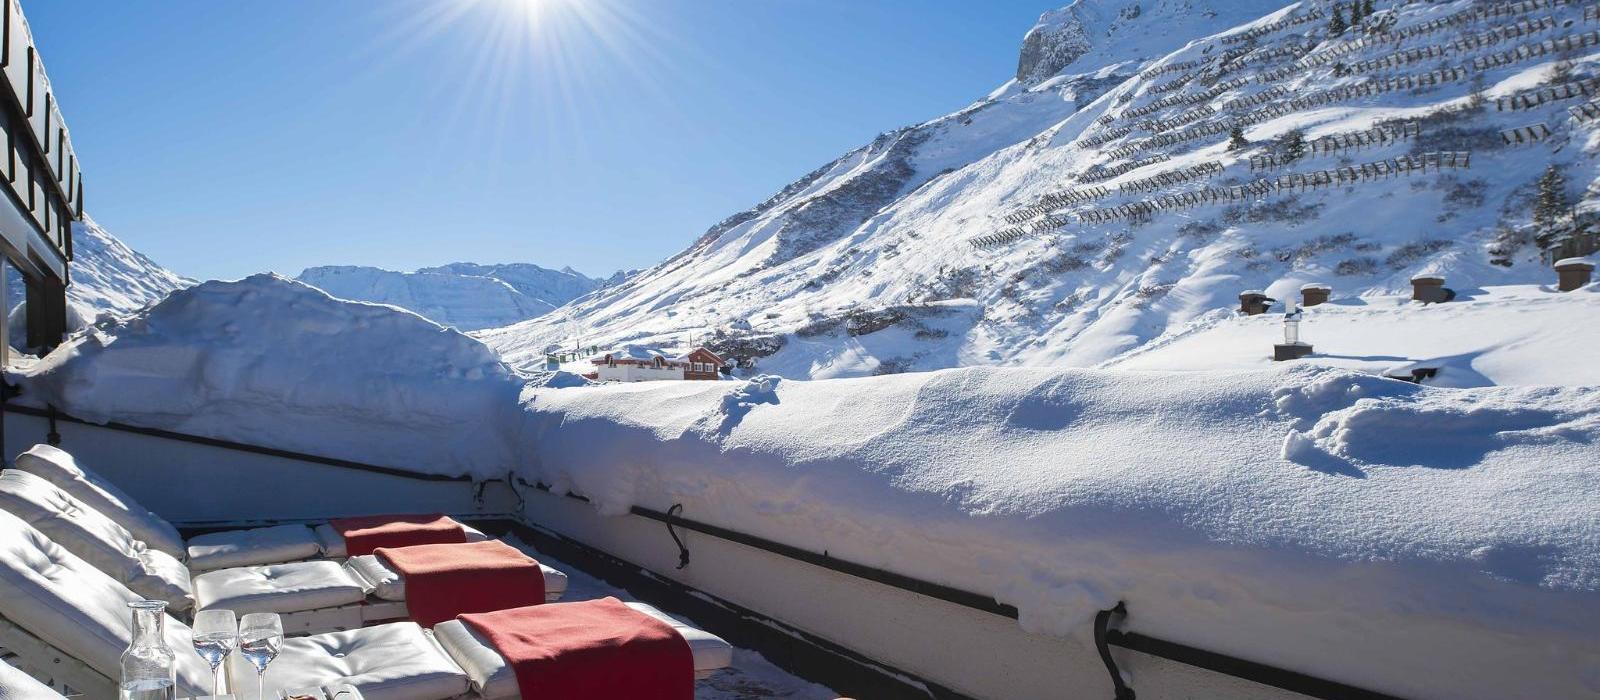 特赫阿尔班霍夫度假酒店(Thurnher's Alpenhof) 阳台图片  www.lhw.cn